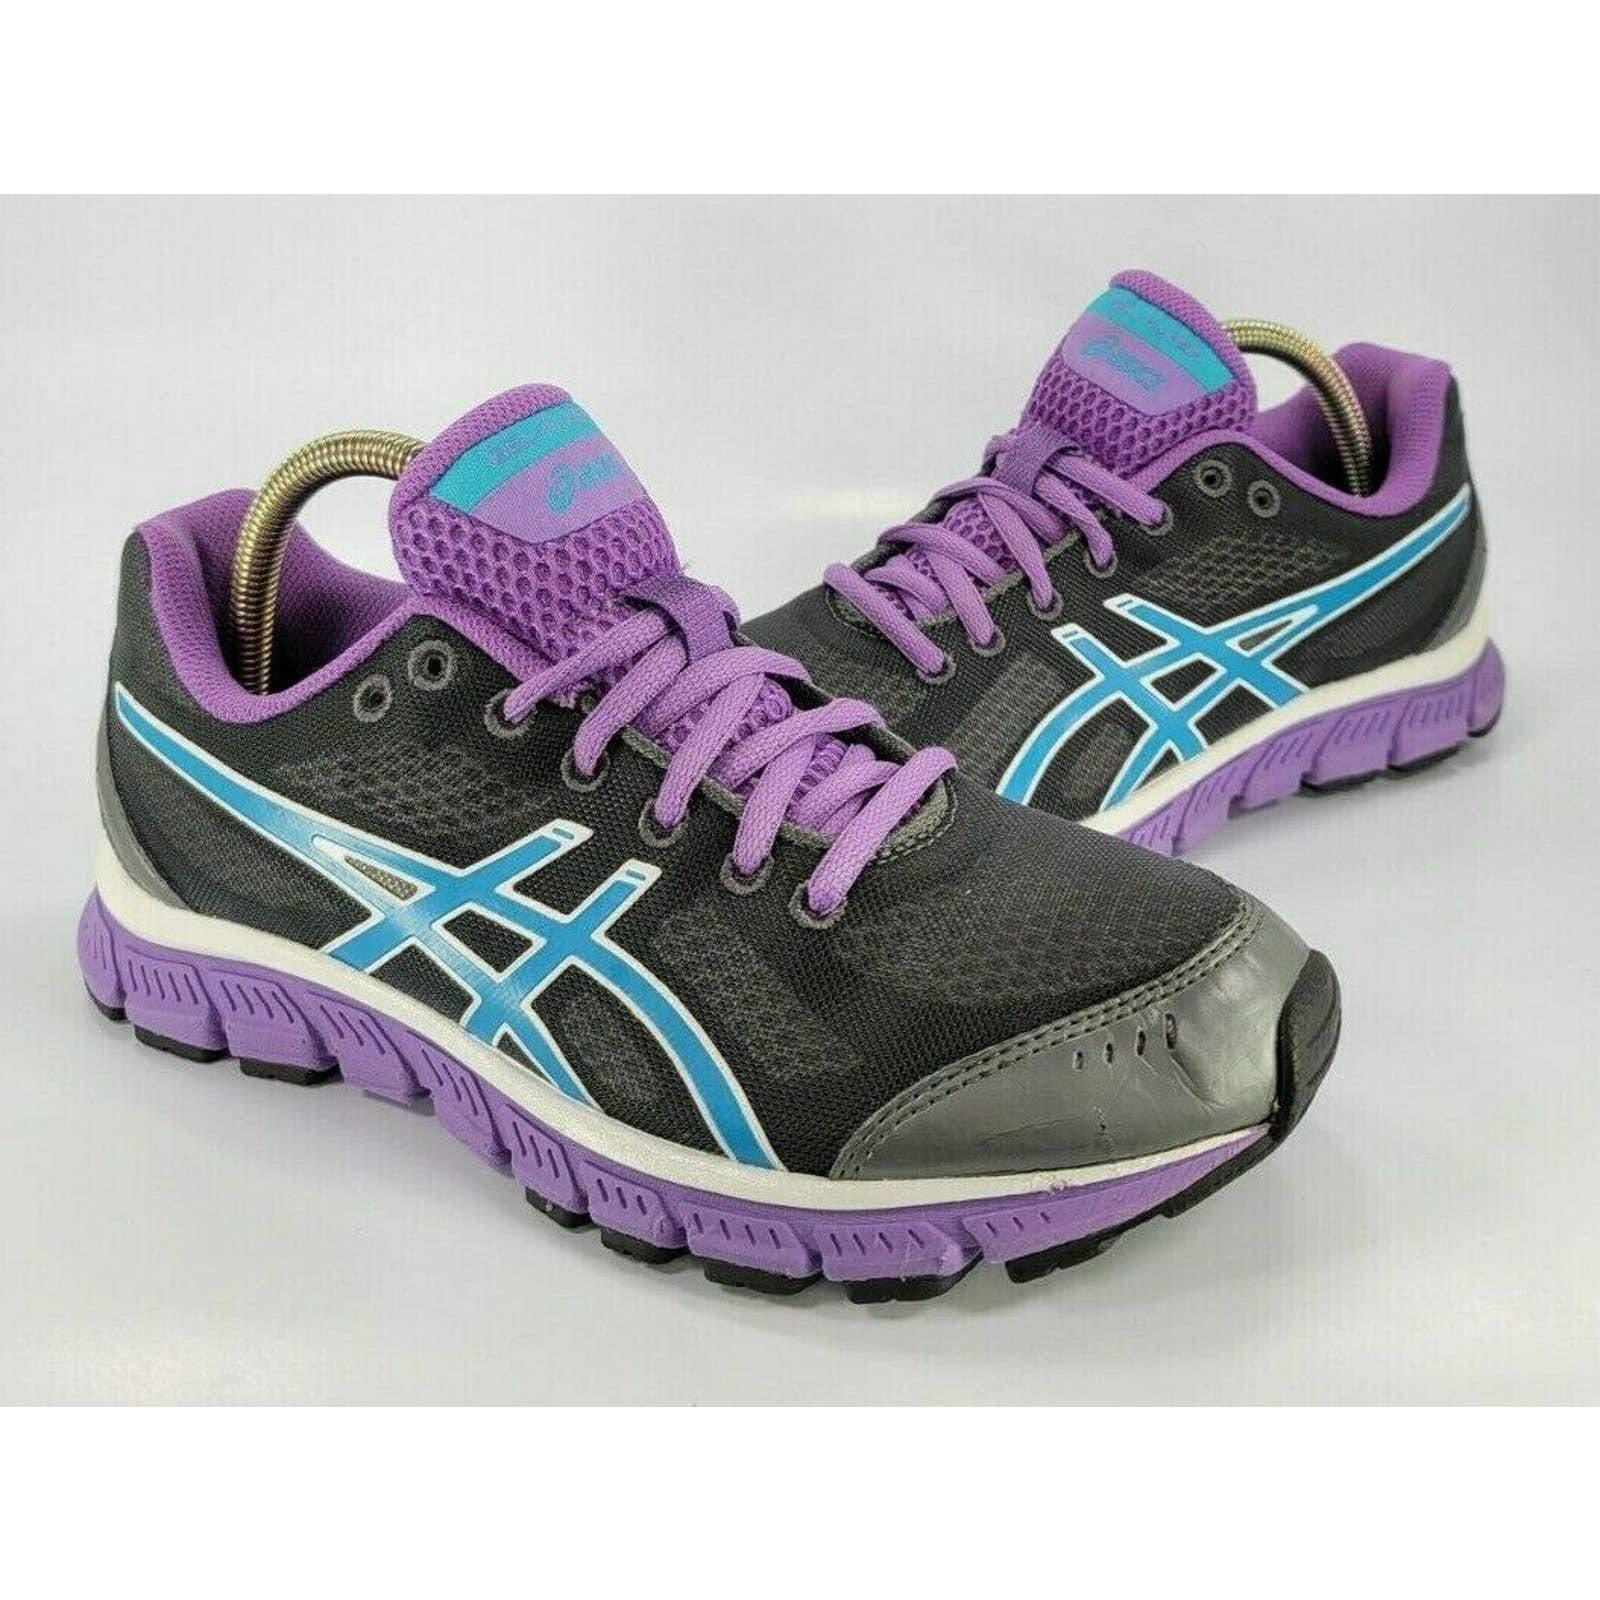 Asics Gel Flash Running Training Shoe